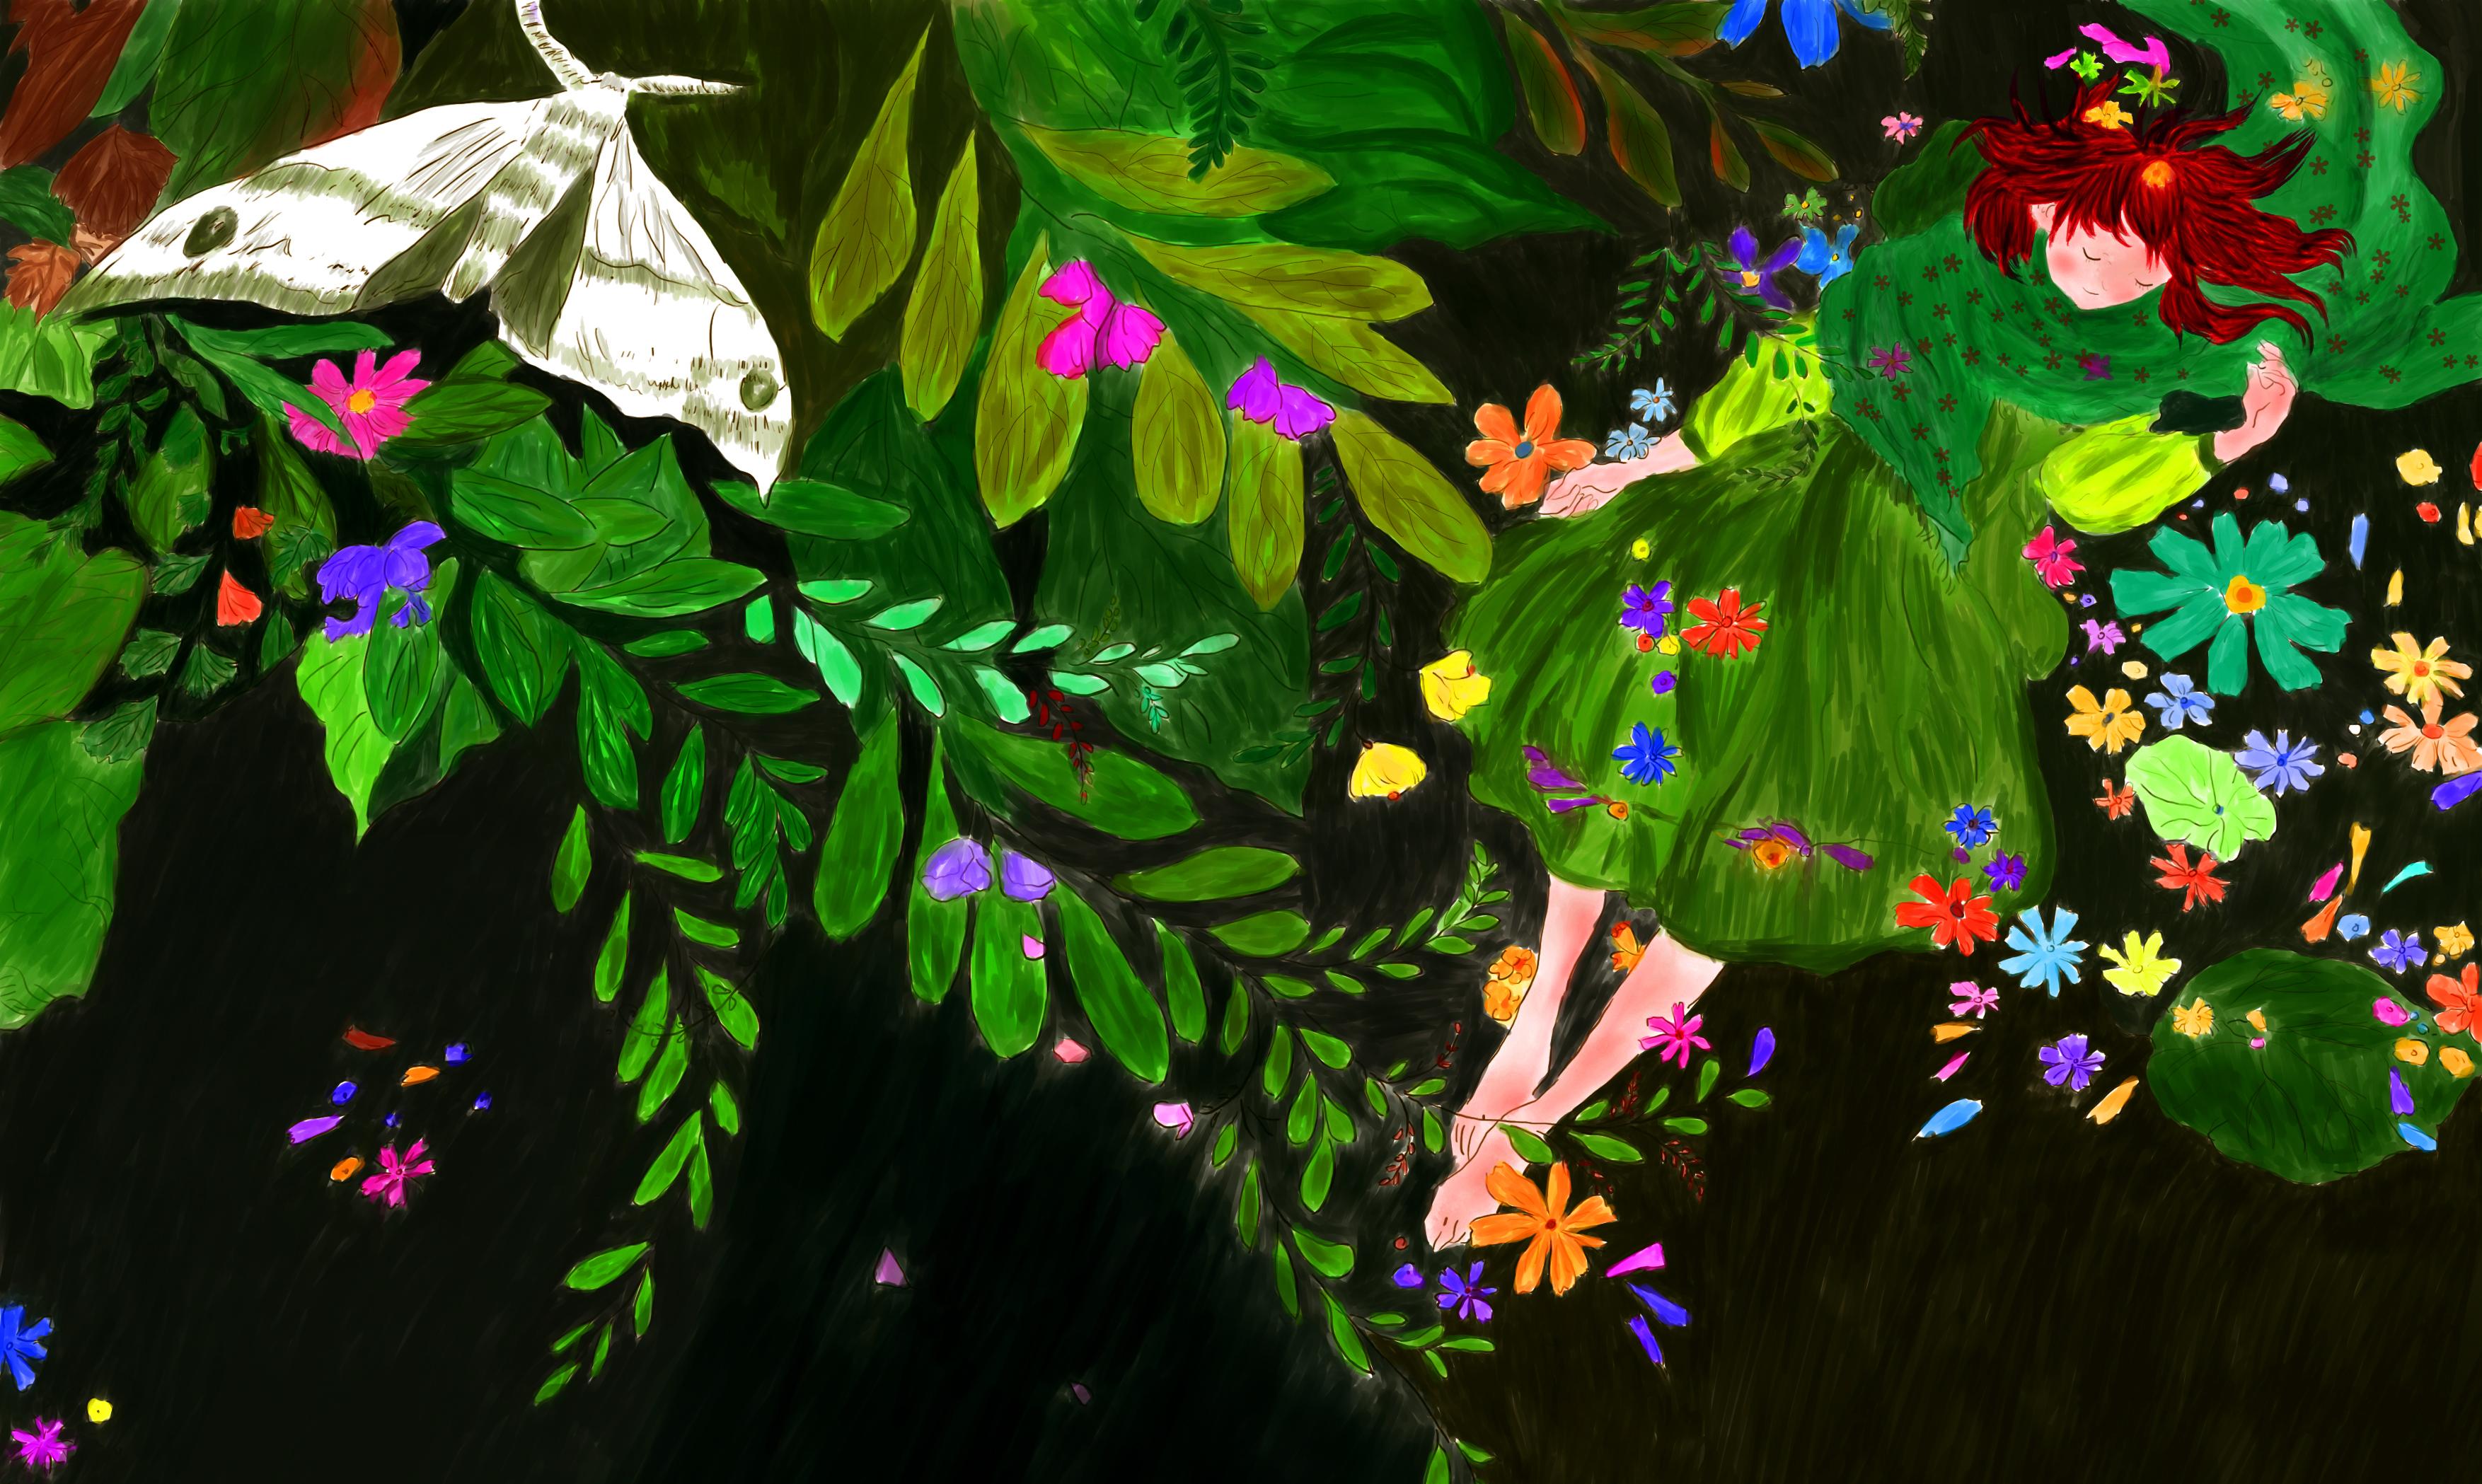 最近开始学习手绘板的水彩插画,嗯,这就算